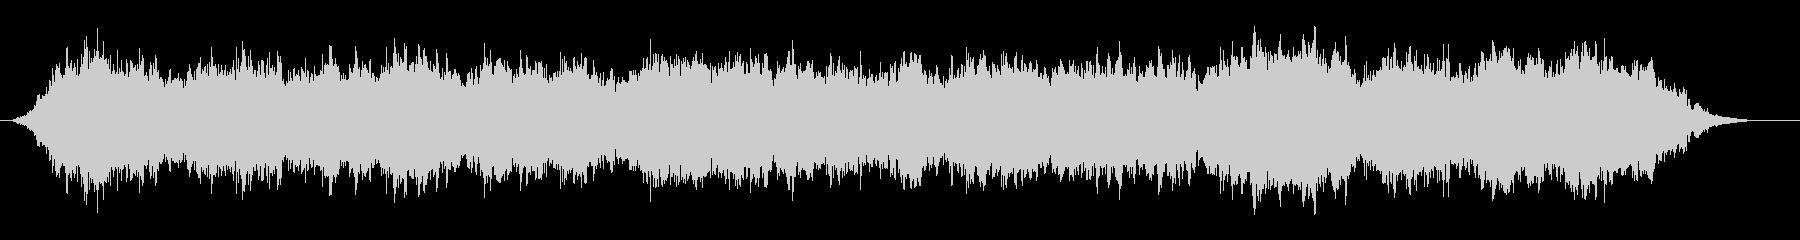 シネマミュージッックの雰囲気のBGMの未再生の波形